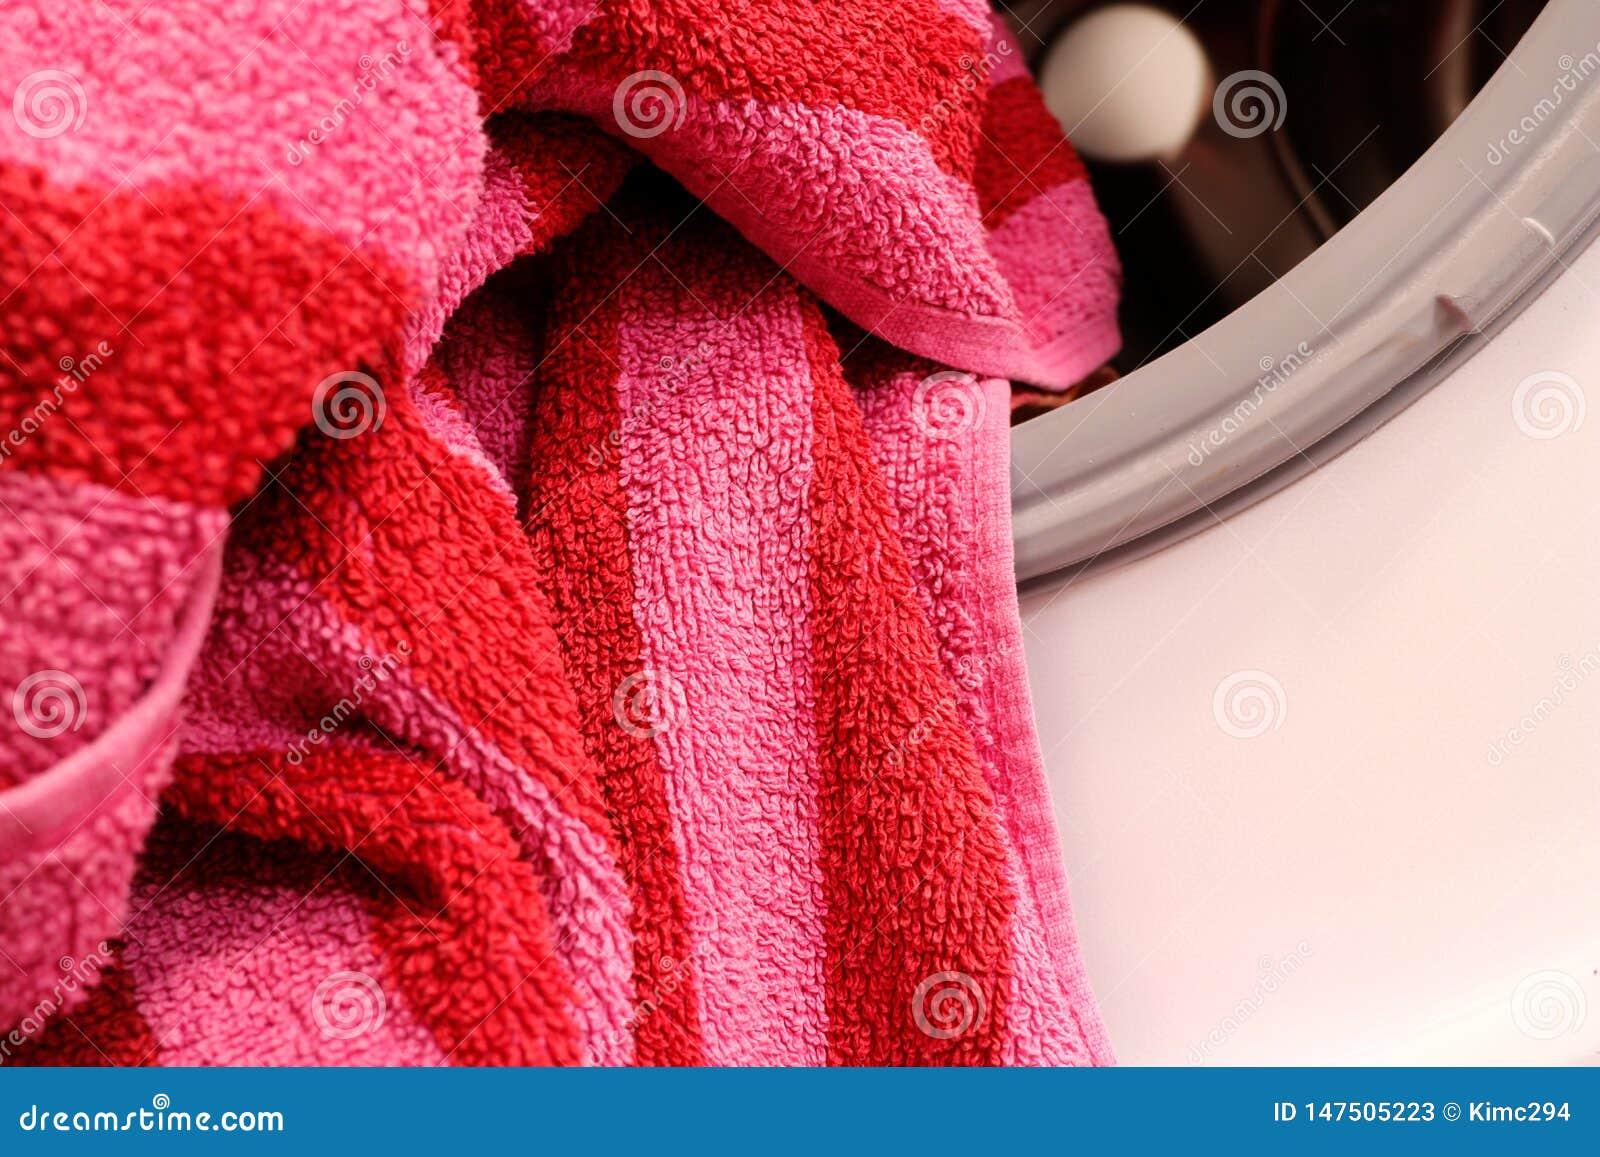 Een gestreepte badhanddoek ligt op de rand van een wasmachinetrommel